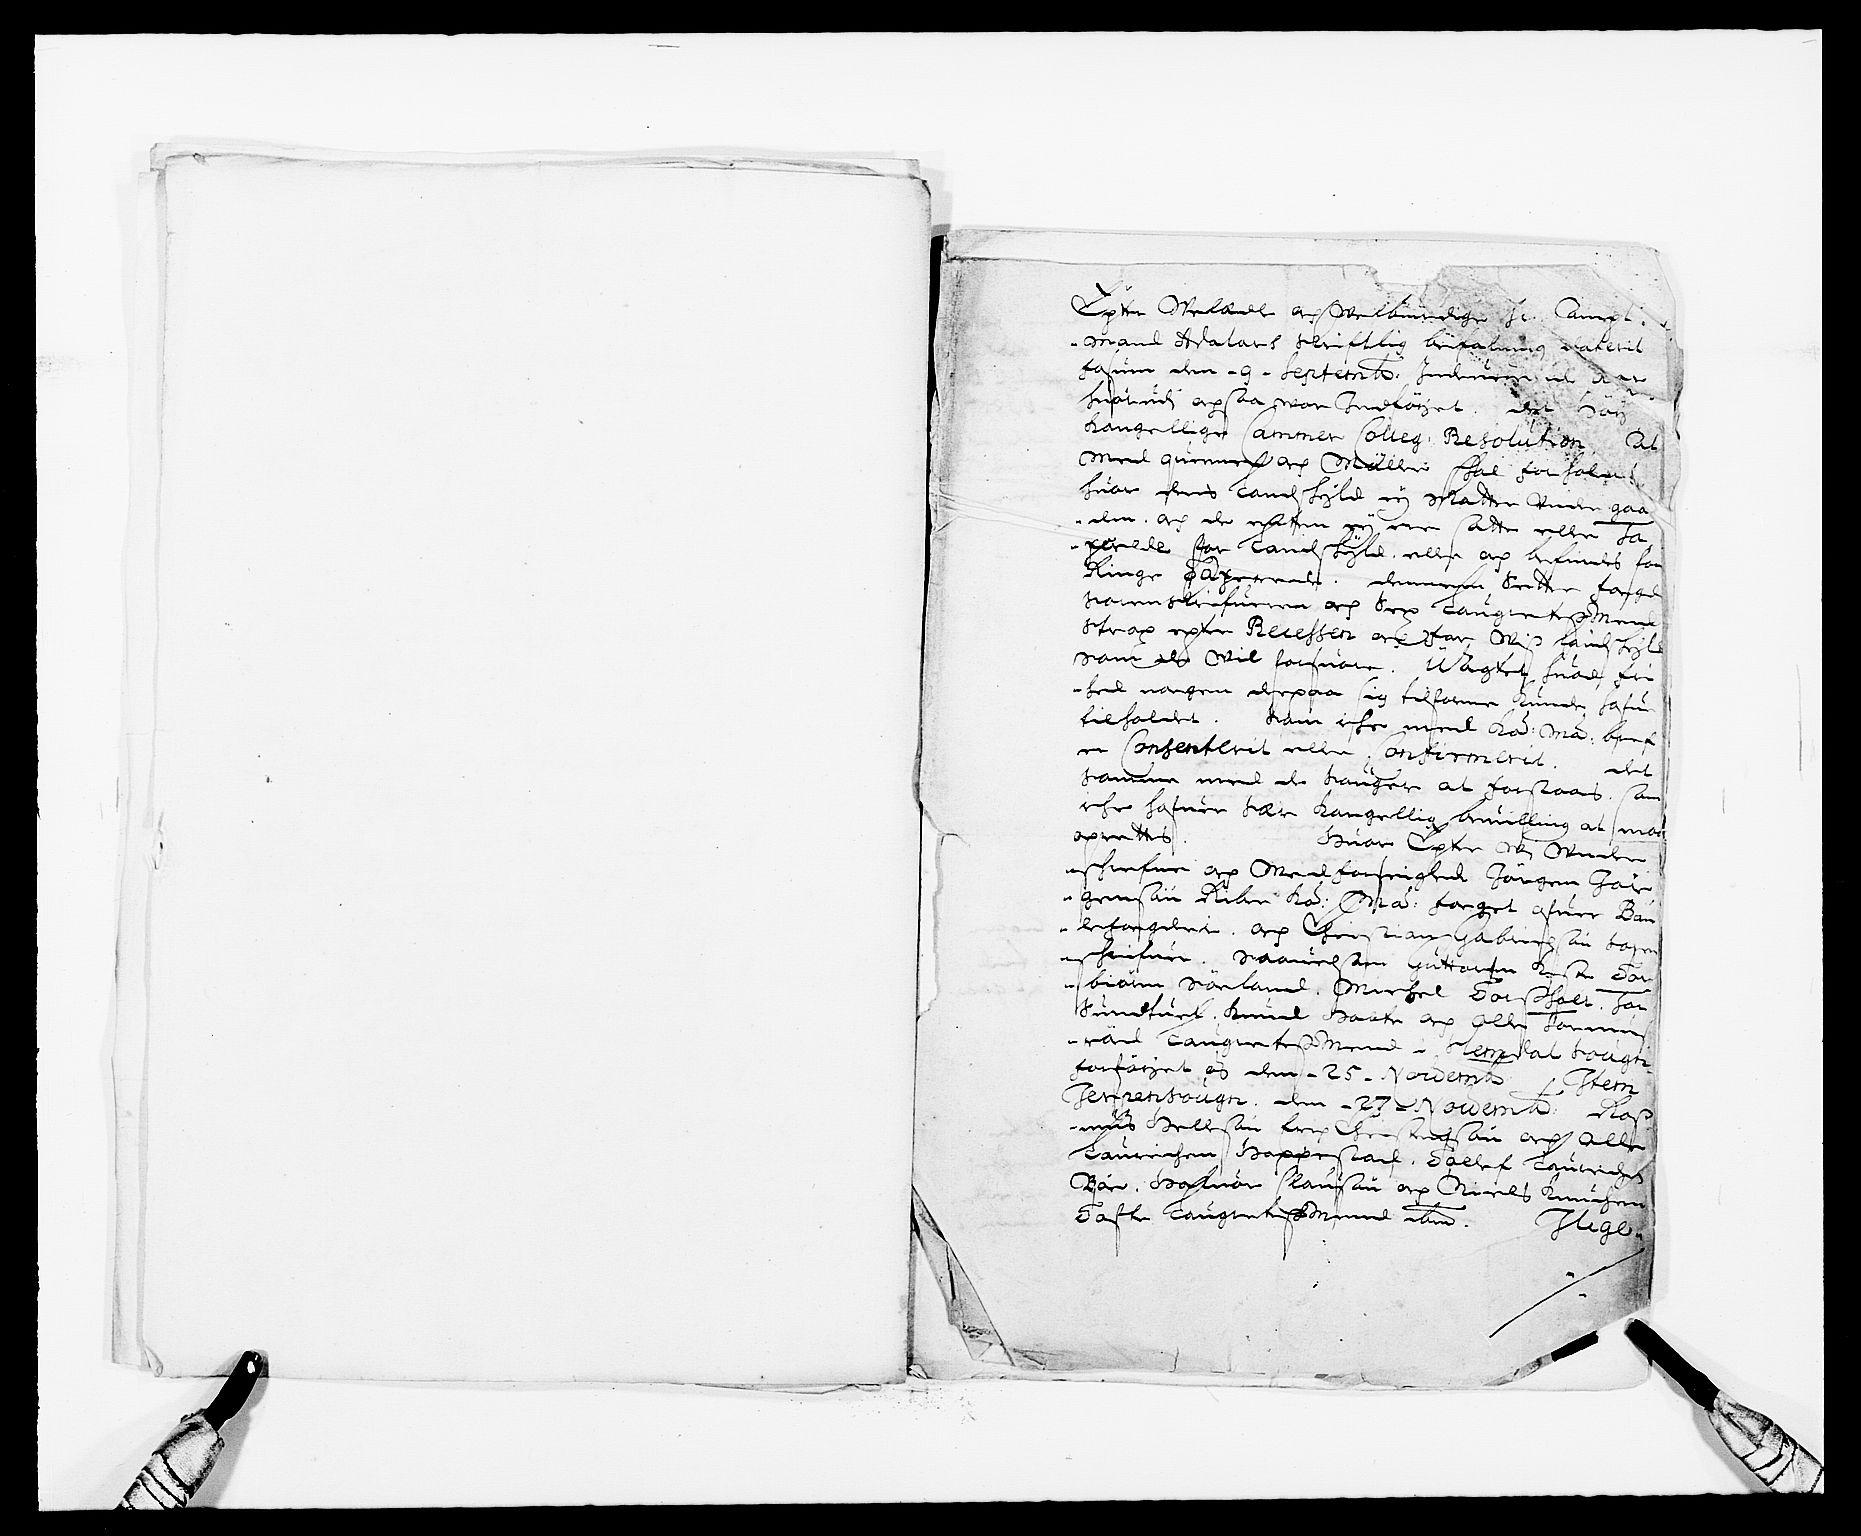 RA, Rentekammeret inntil 1814, Reviderte regnskaper, Fogderegnskap, R34/L2048: Fogderegnskap Bamble, 1685-1687, s. 191